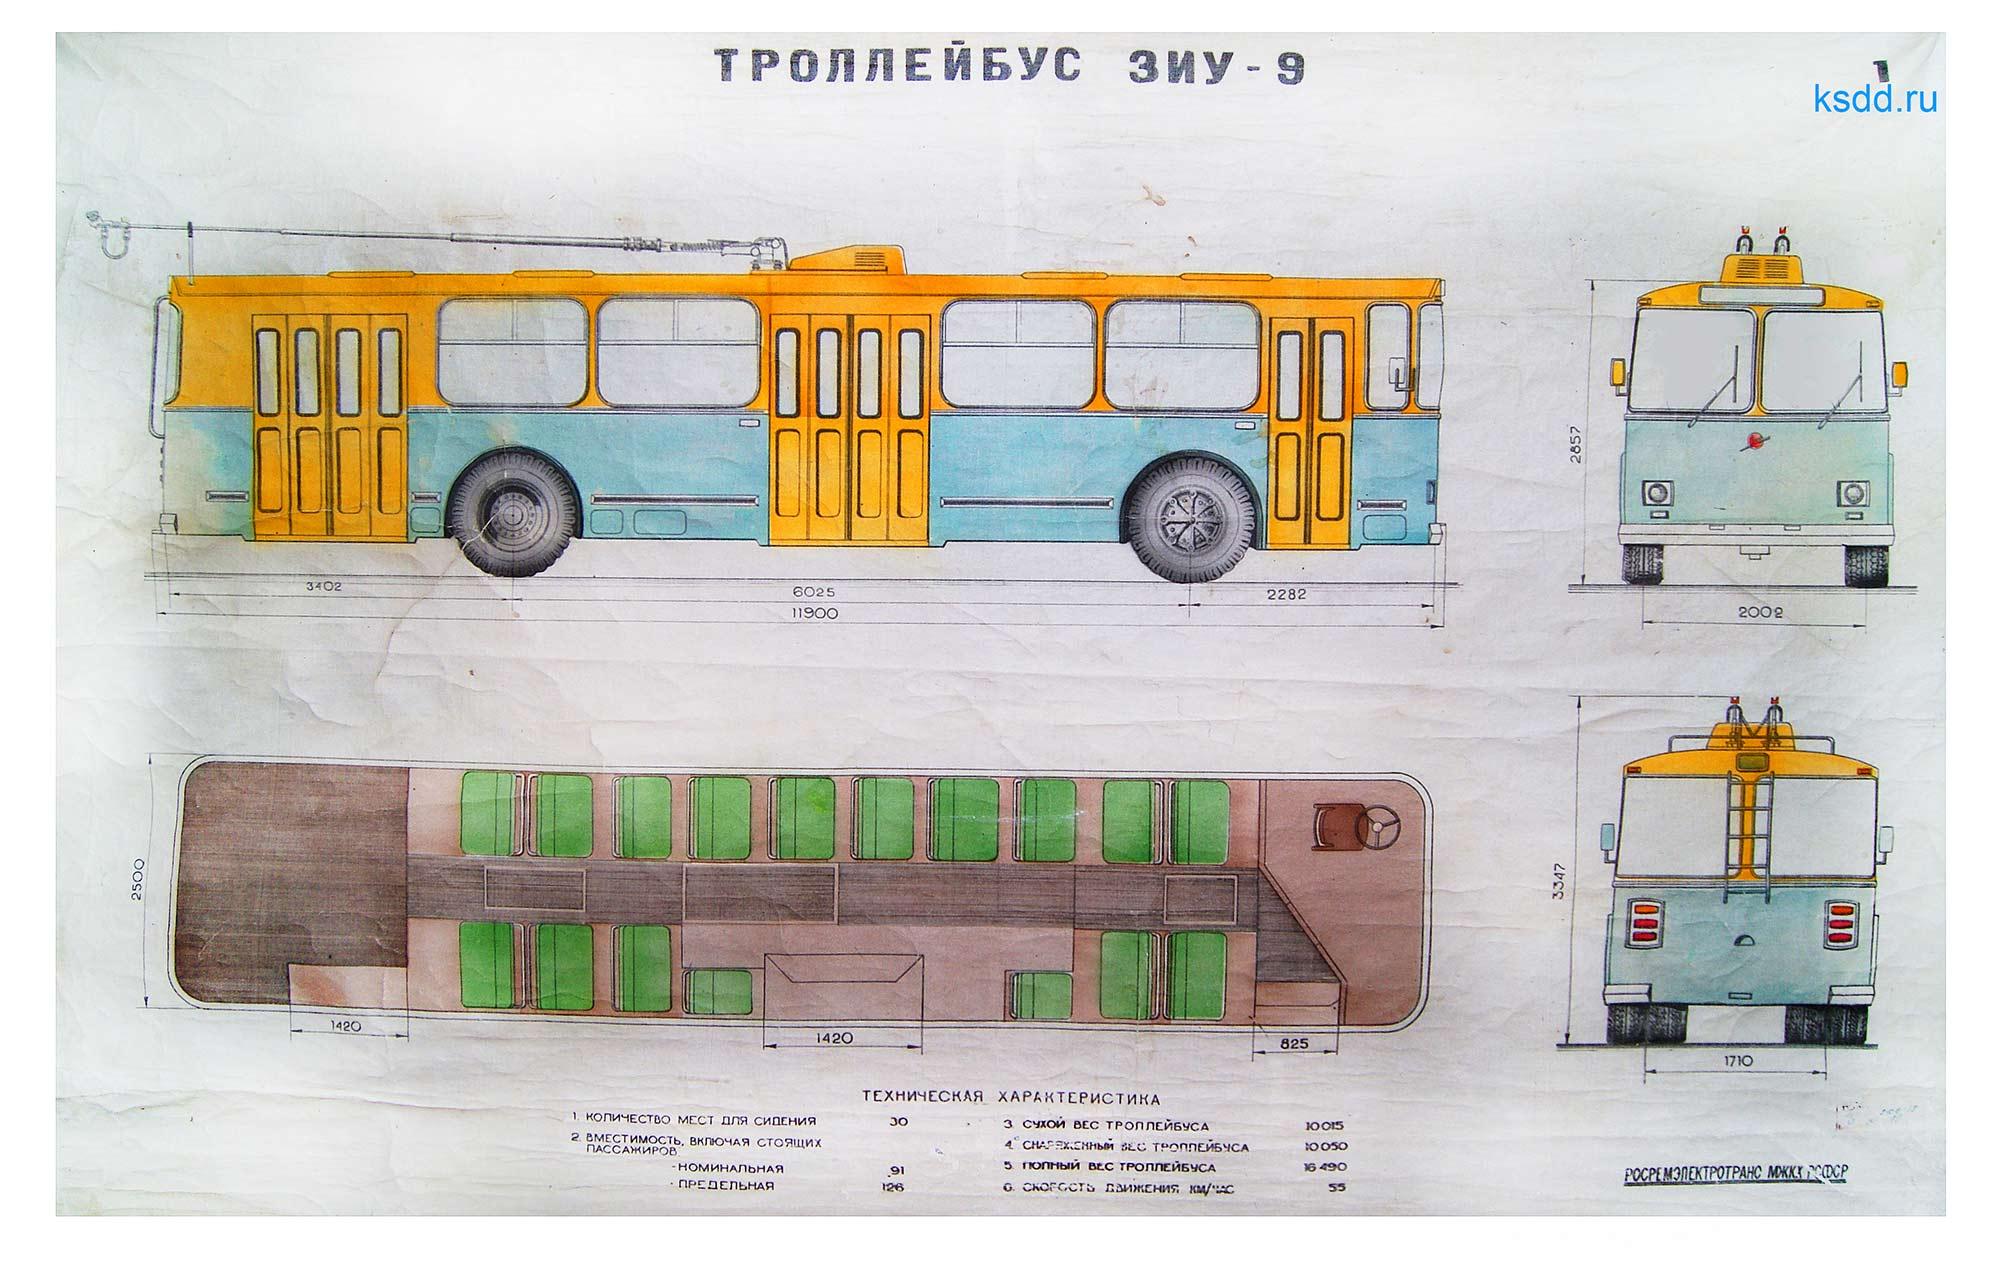 32.-Троллейбус-ЗИУ-9